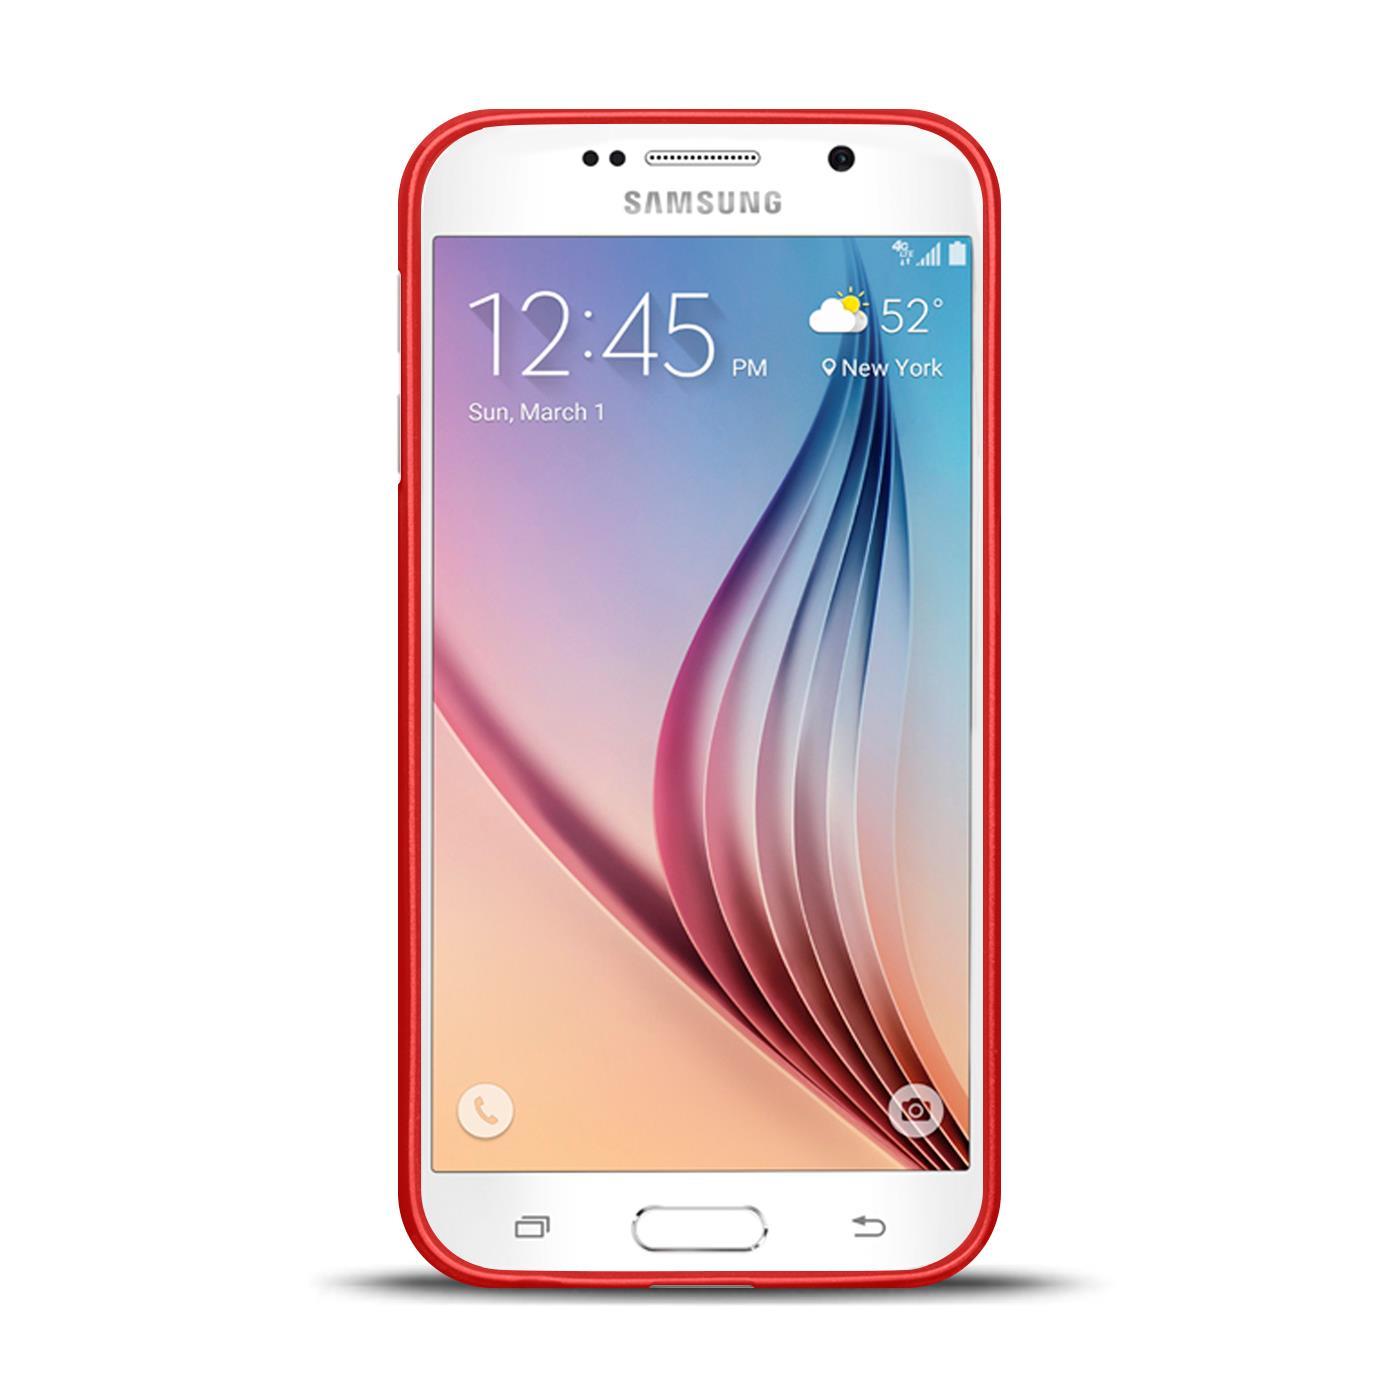 Silikon-Bumper-Case-fuer-Samsung-Galaxy-s6-duenne-ultra-slim-Stossfeste-Rueckschale Indexbild 35